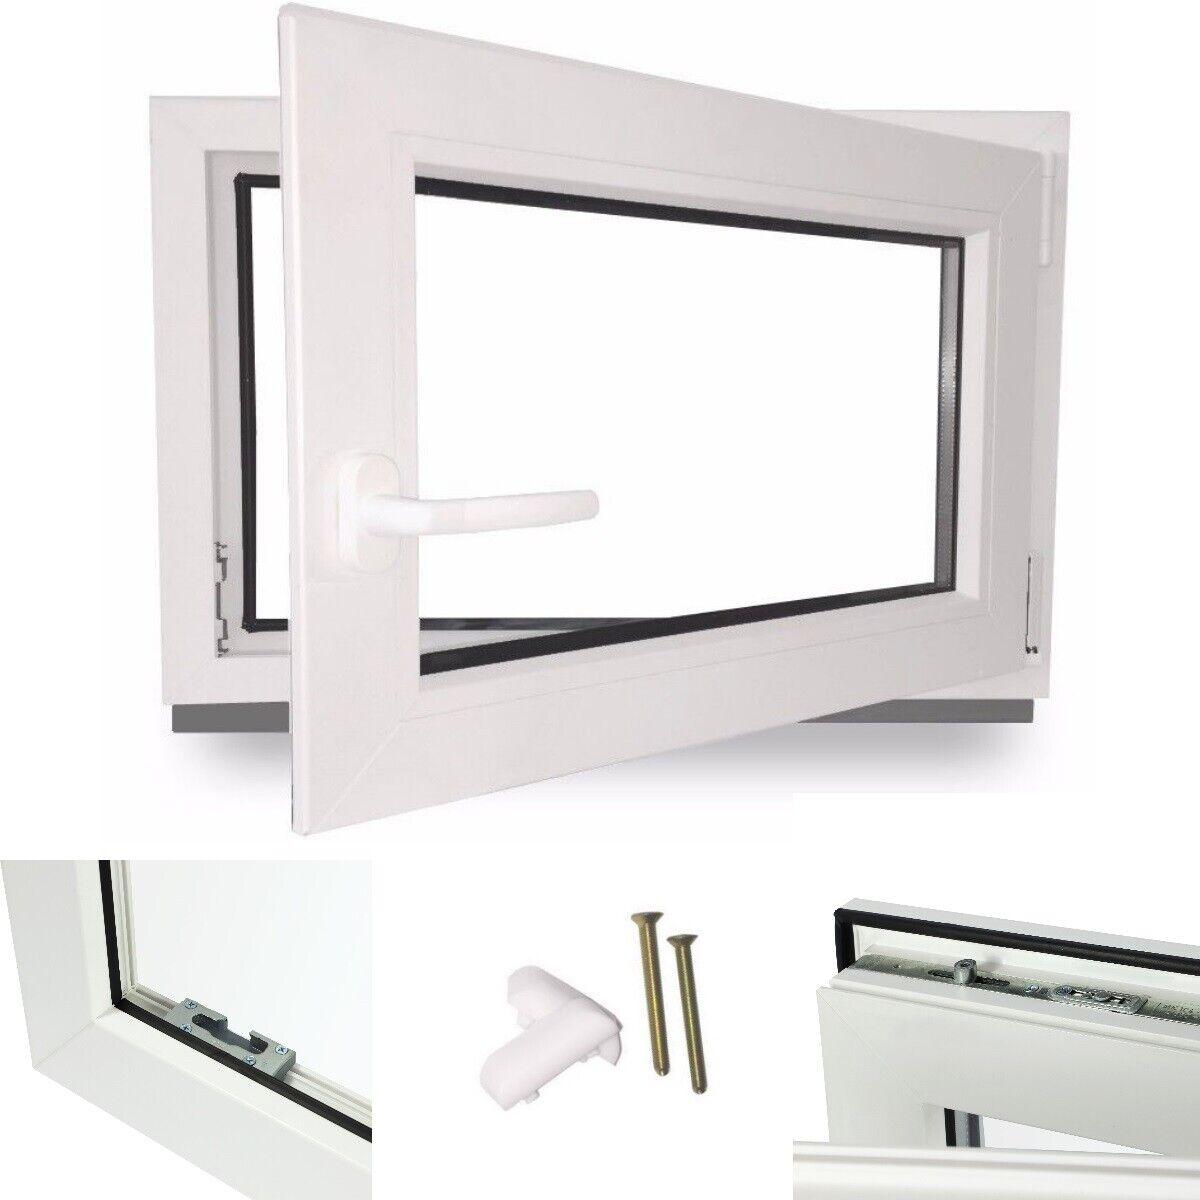 Kunststofffenster Fenster 2-Fach 3-Fach Verglasung 105 110 cm Breite X Höhe